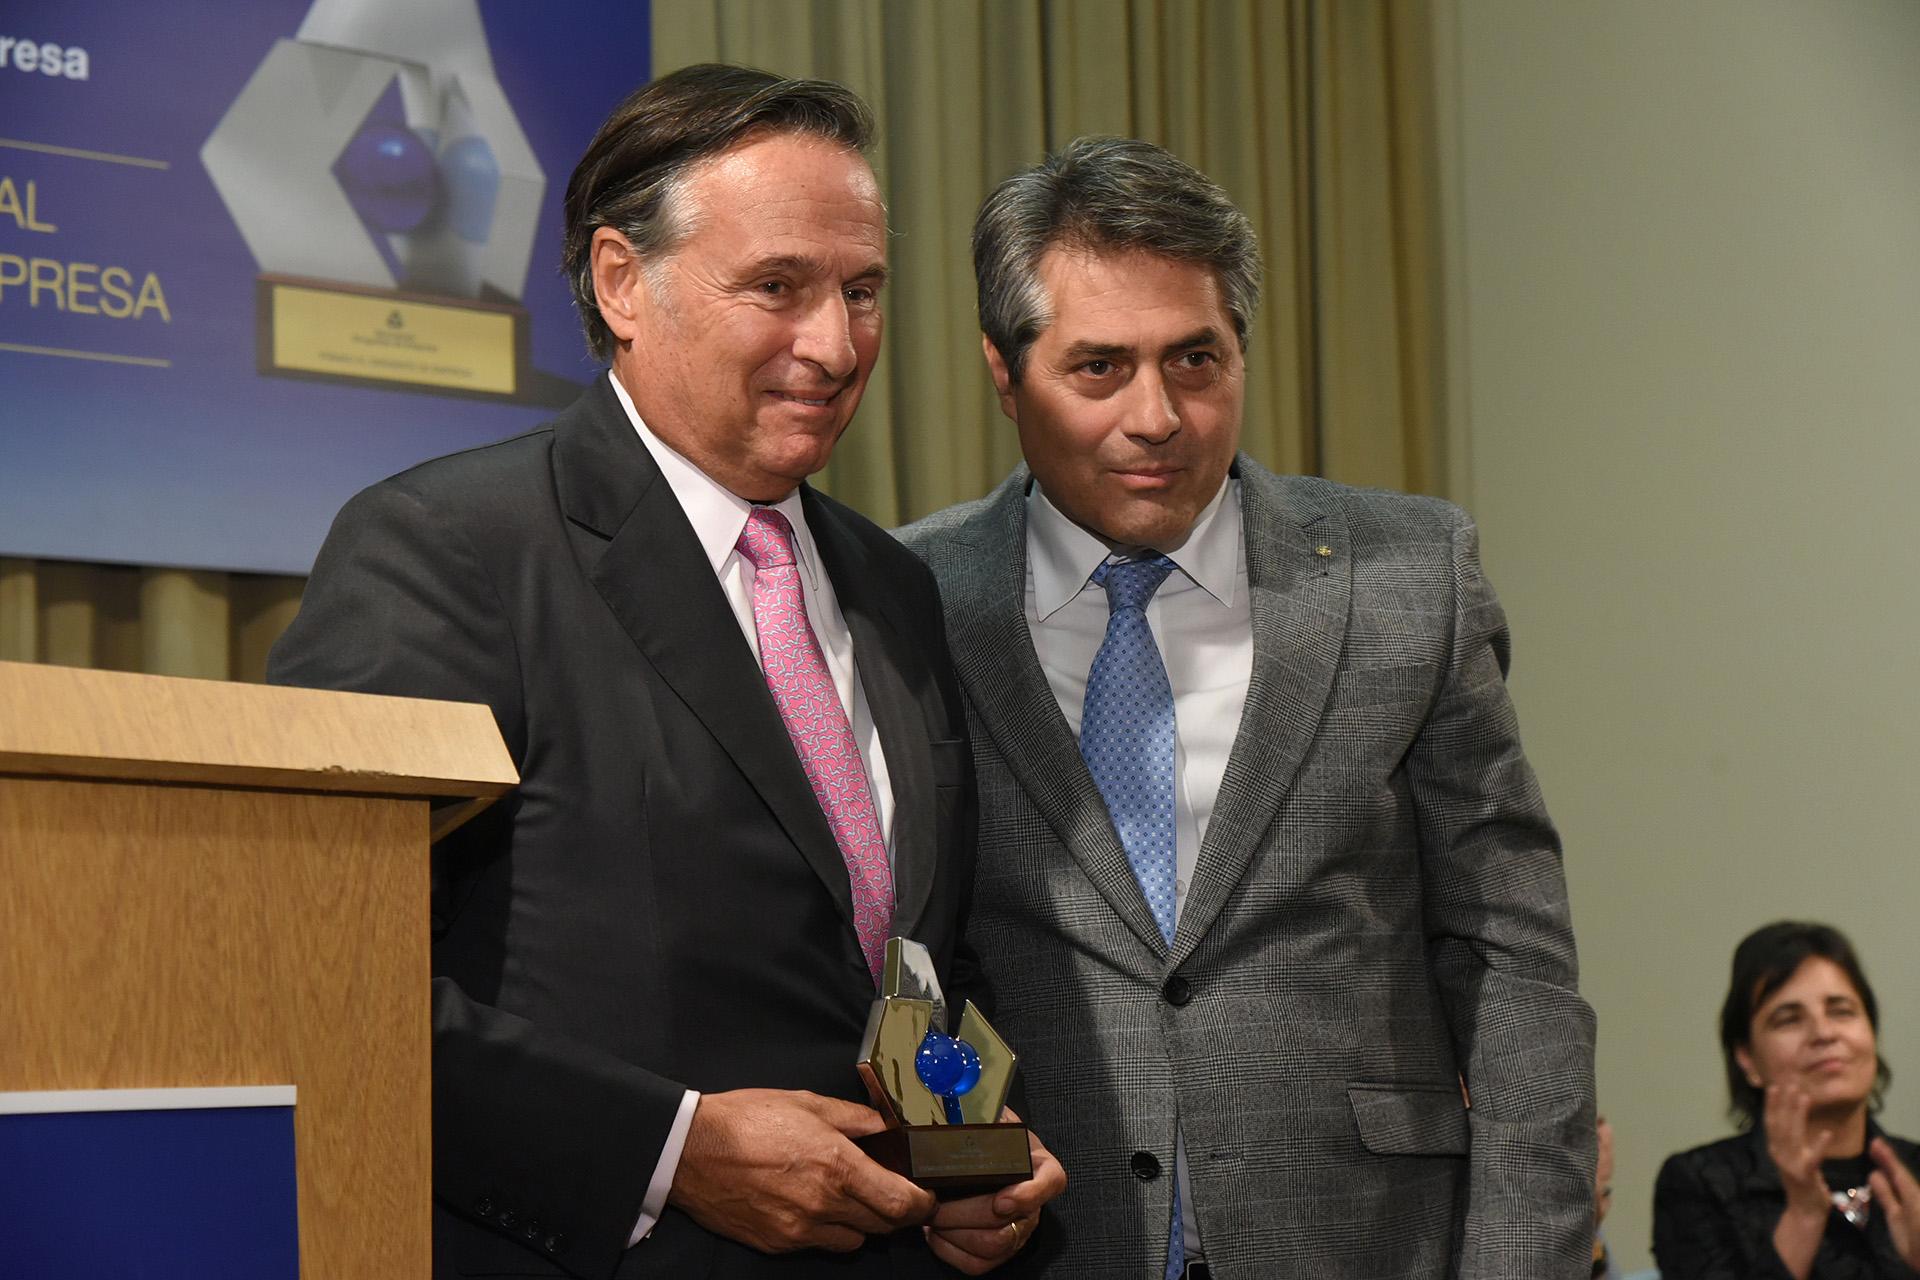 En la categoría Agroindustria fue distinguido Carlos Miguens (San Miguel S.A.), quien recibió su premio de manos de Gastón O'Donnell